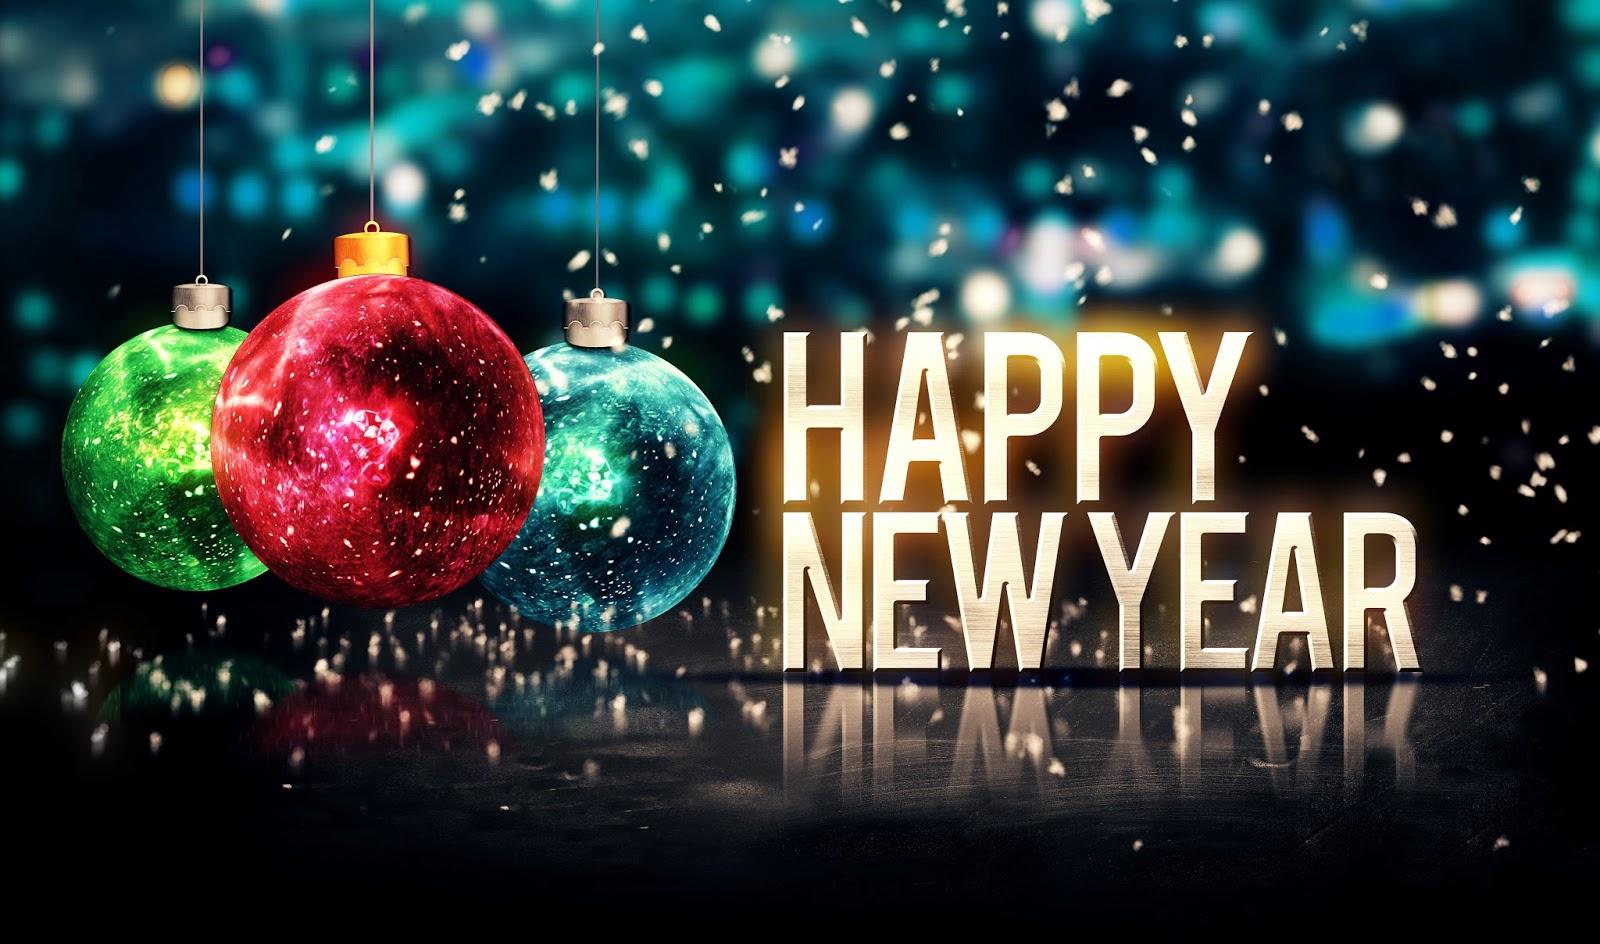 Hình nền chúc mừng năm mới 2016 đẹp nhất